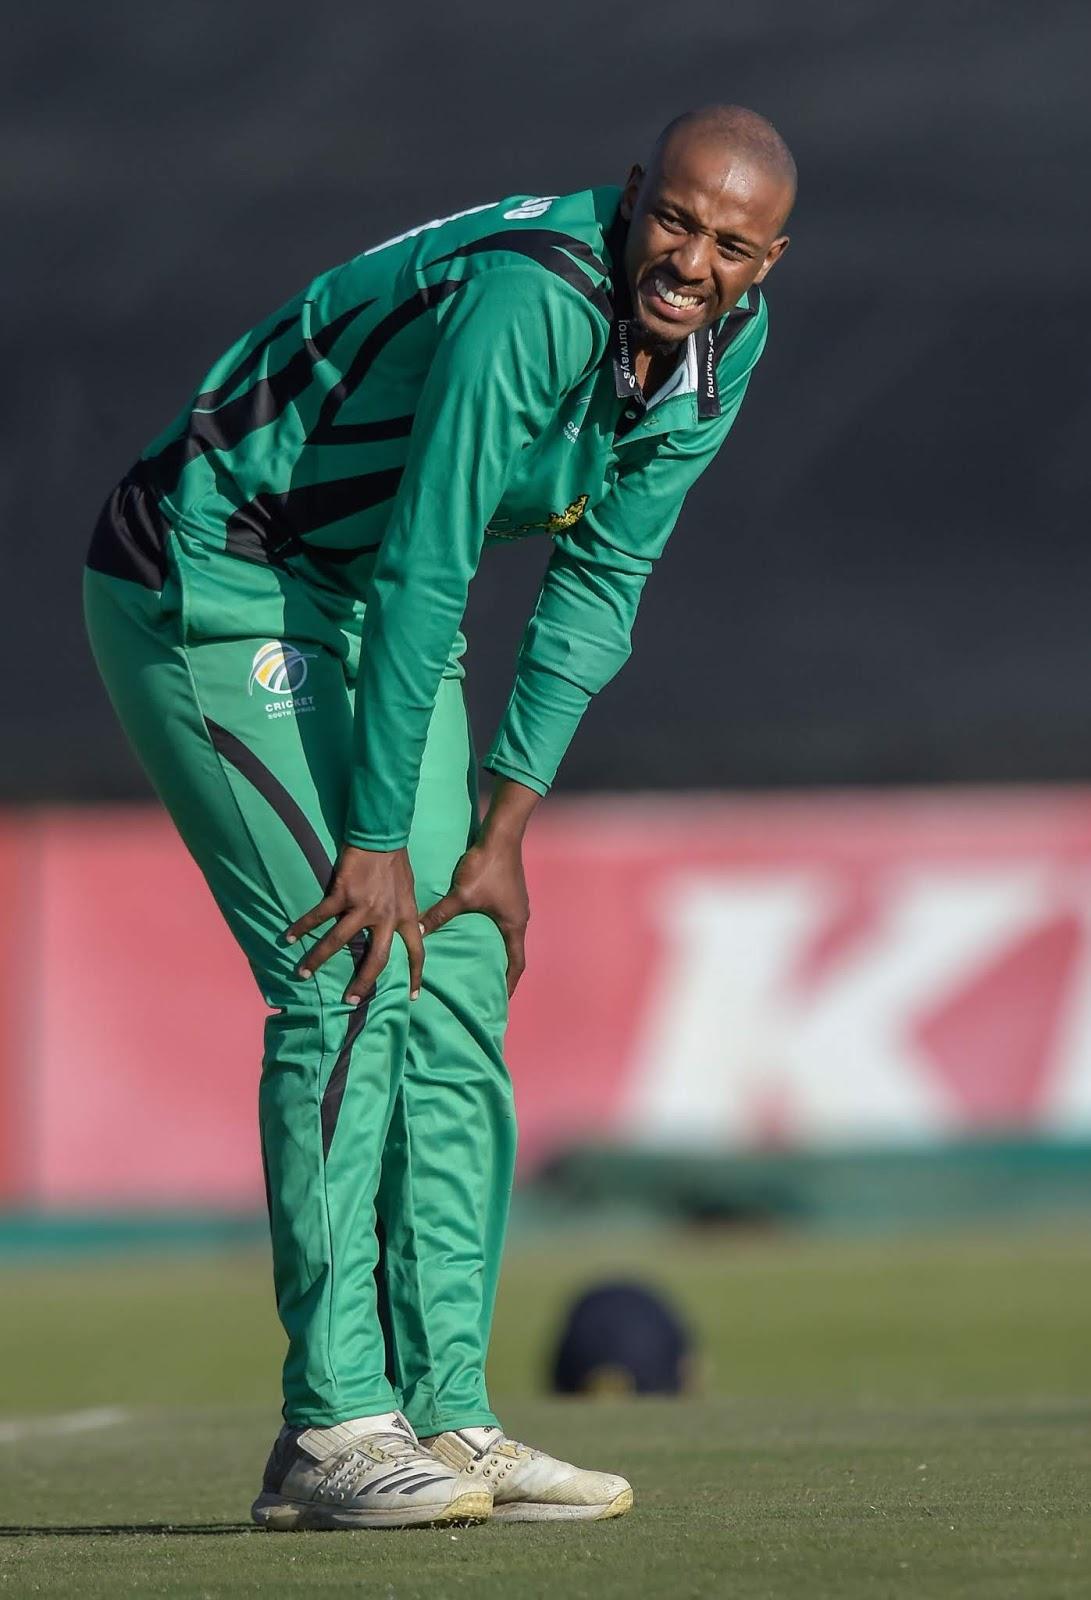 Thula Ngcobo - Hollywoodbets KZN Coastal - CSA Provincial T20 Cup